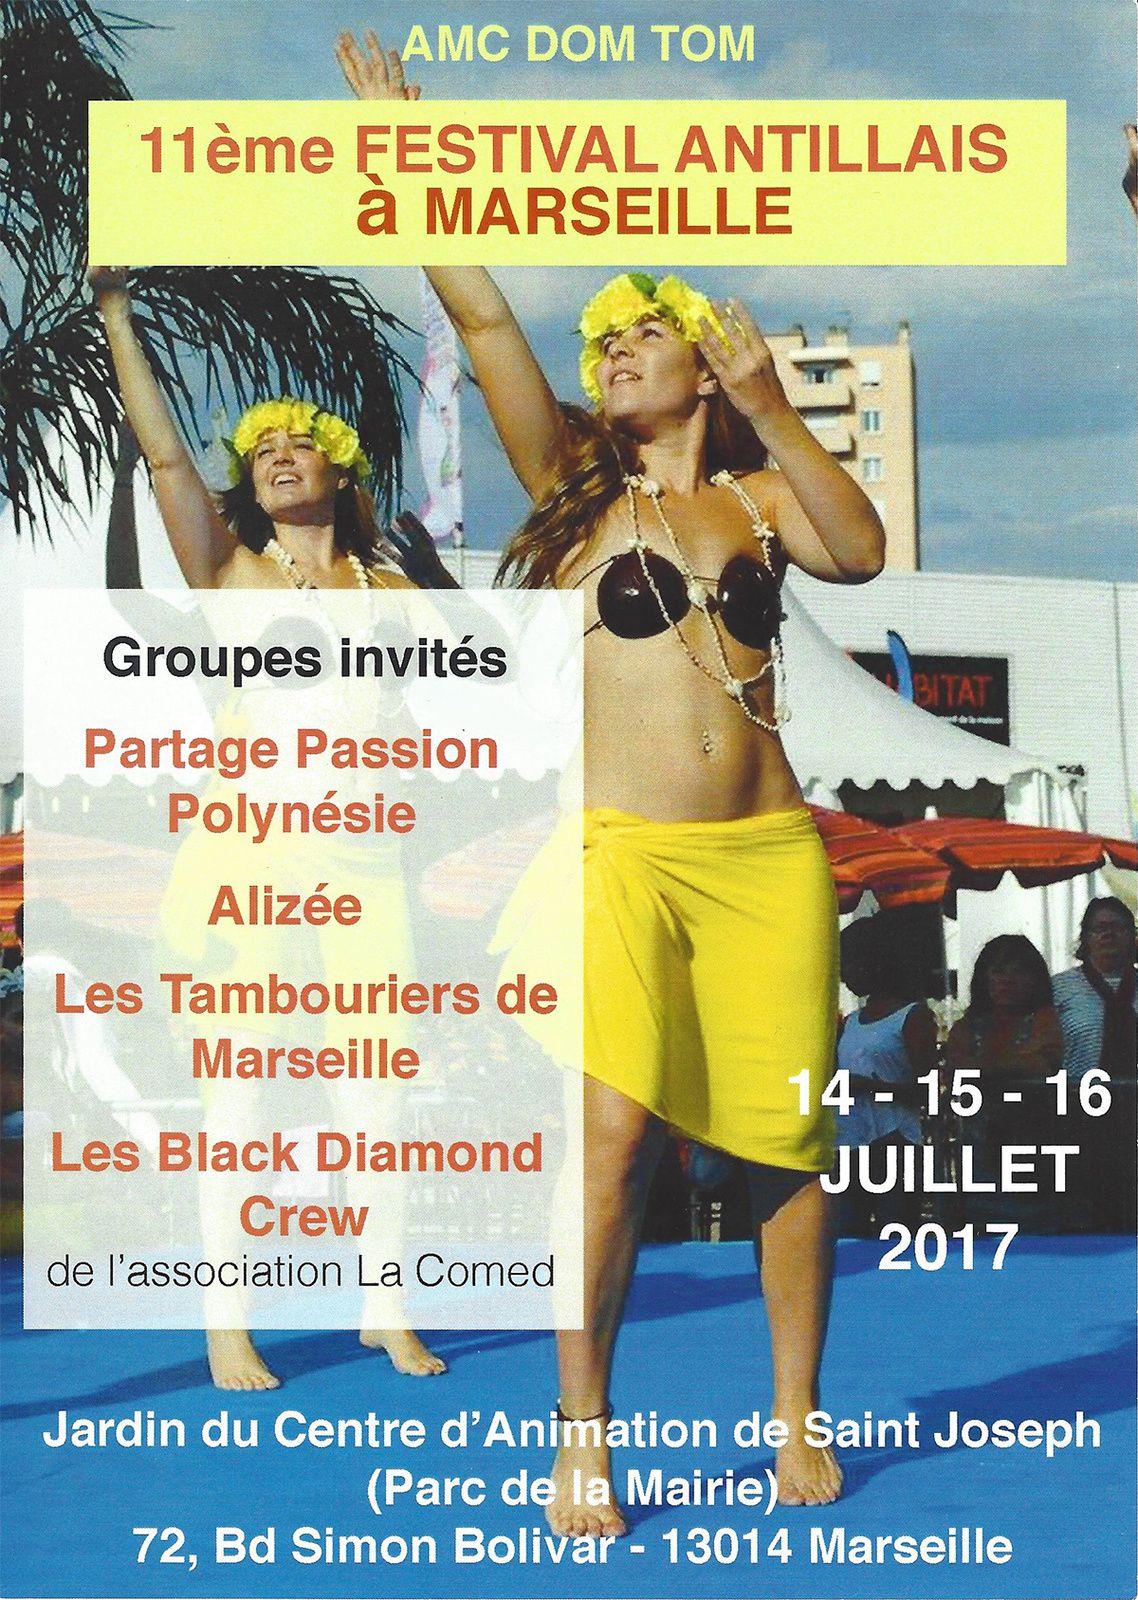 Du 14 au 16/07/17 - Festival Antillais - Marseille